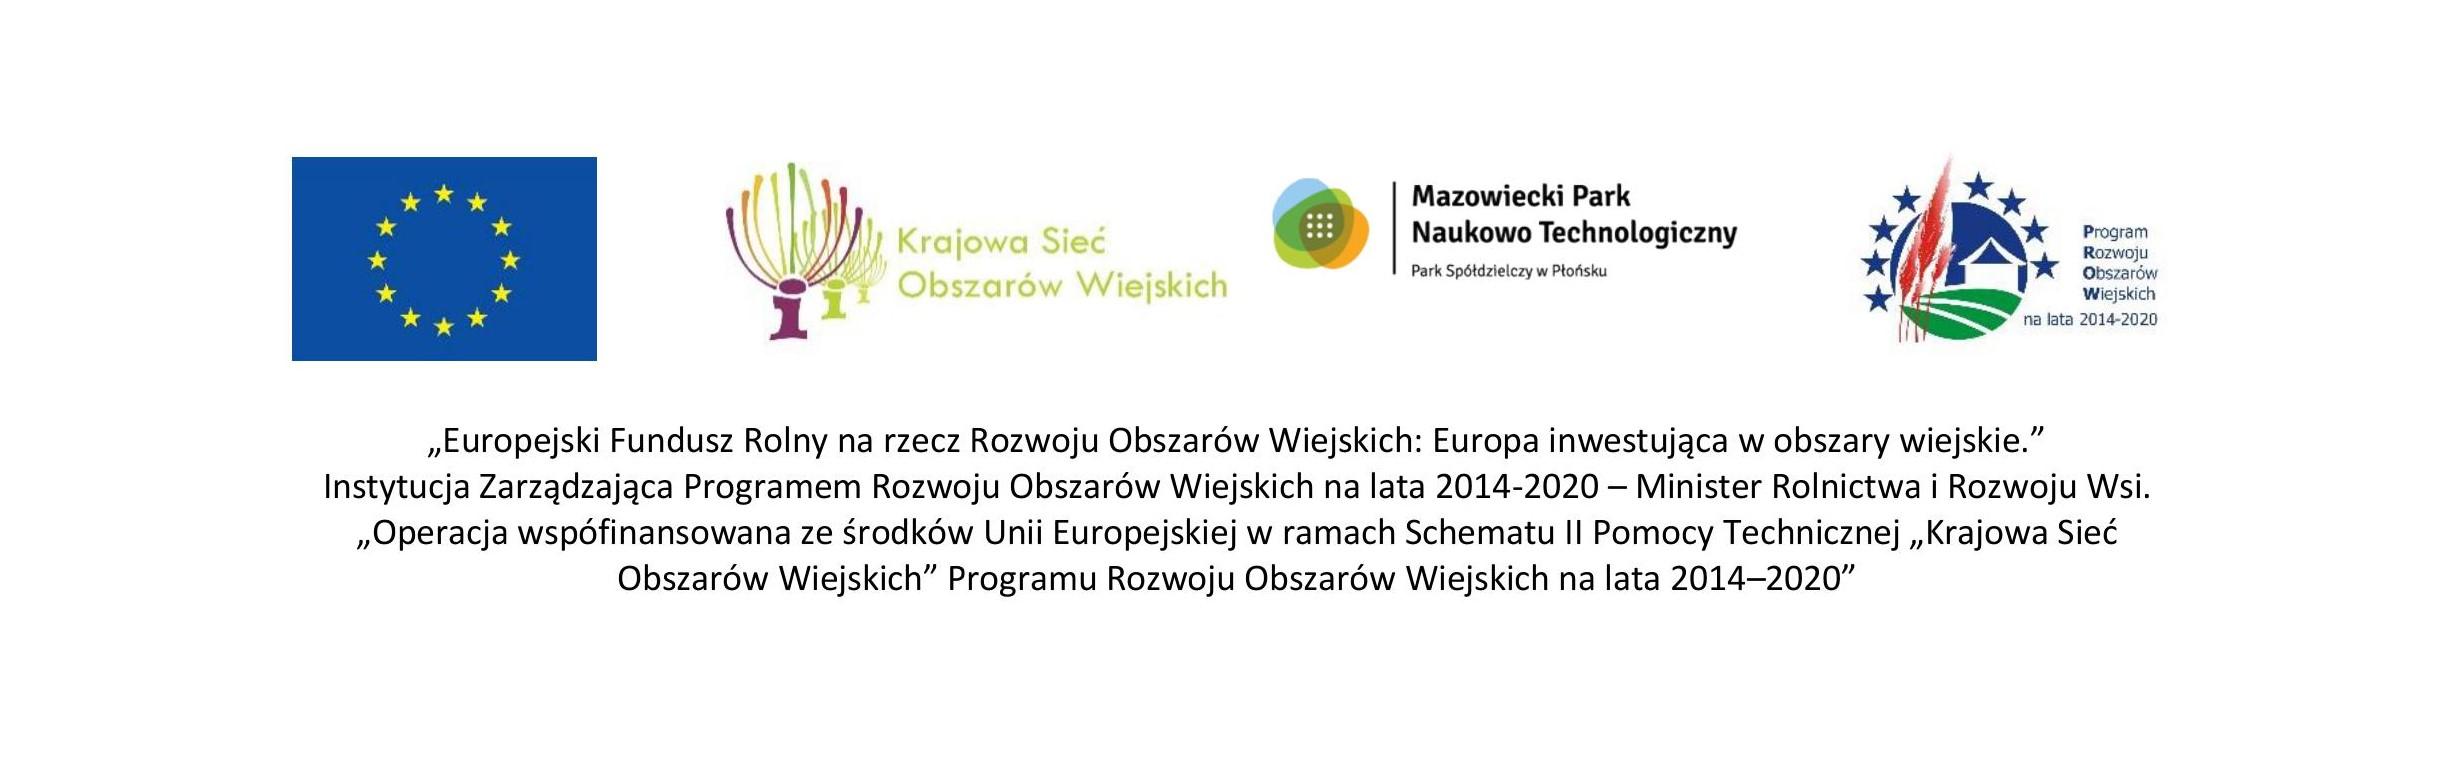 Projekt KSOW- Podsumowanie